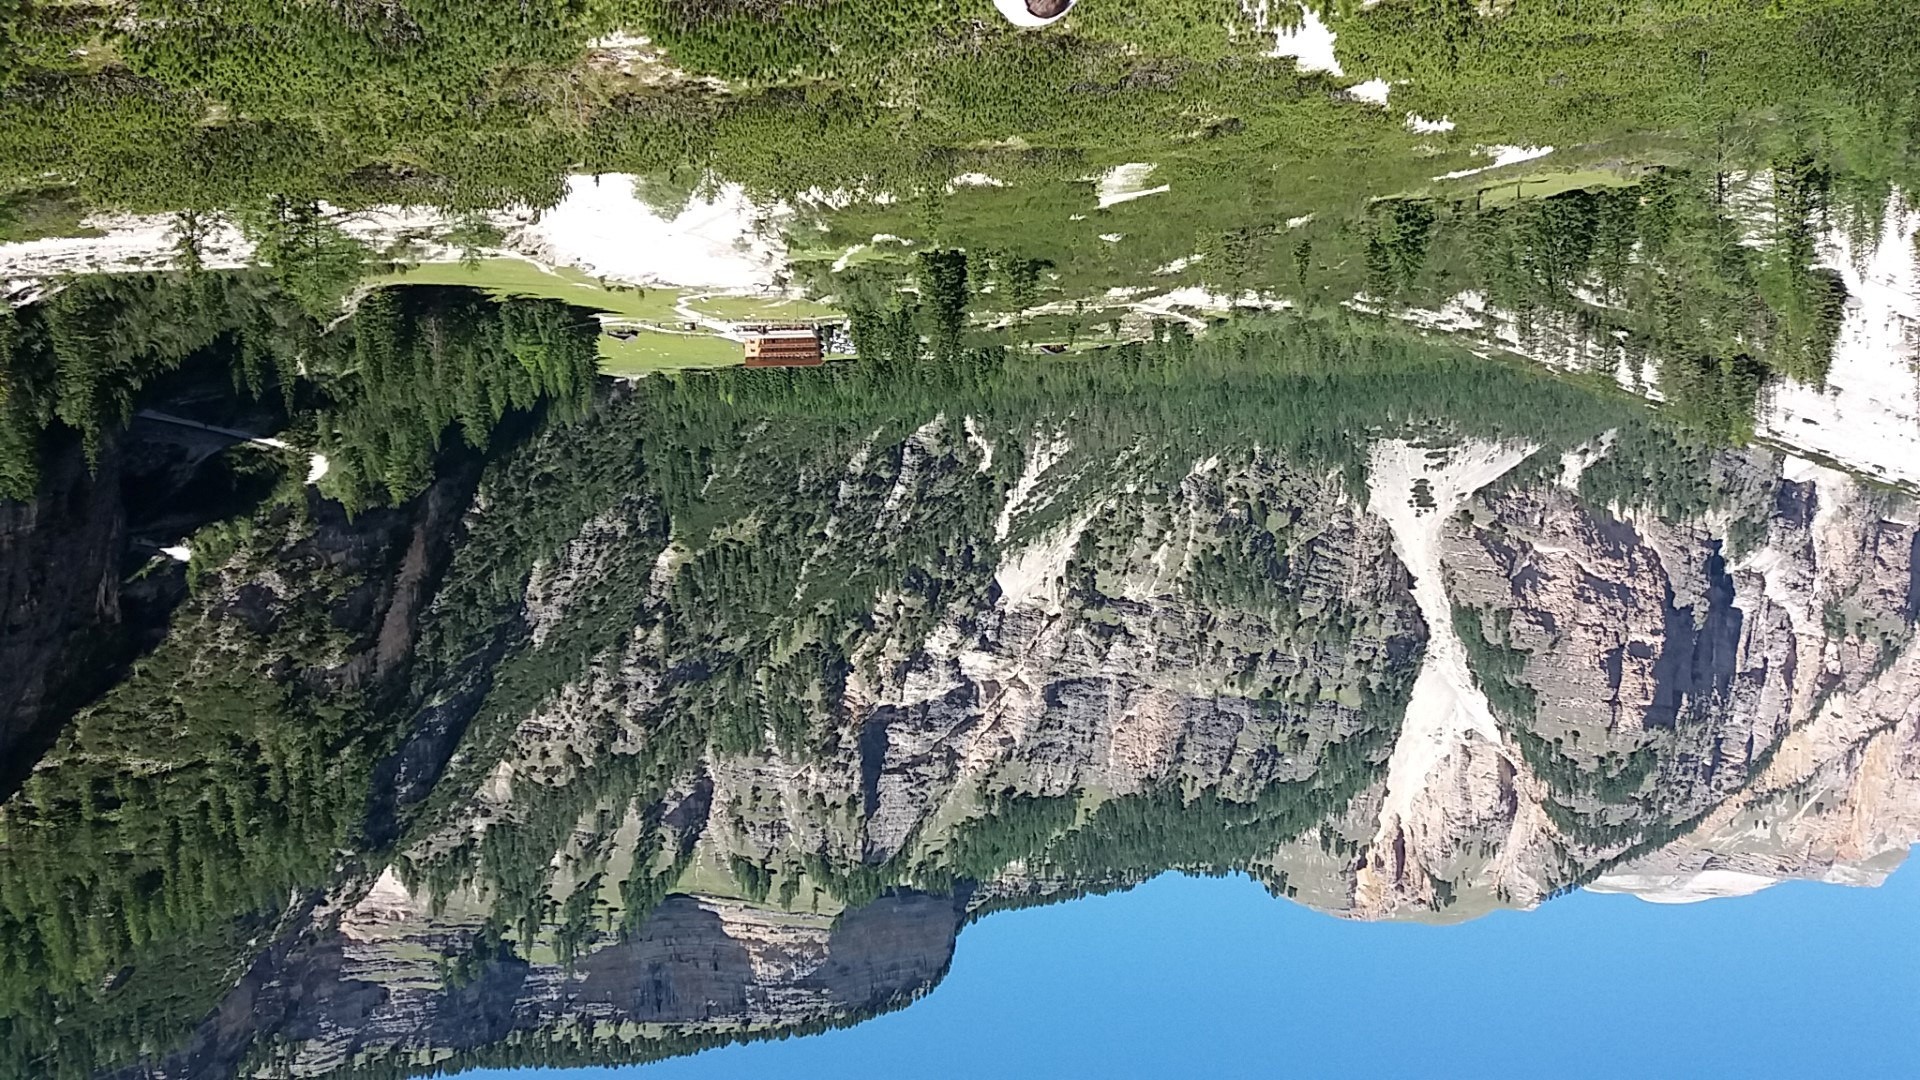 Il rifugio Pederü nei pressi di San Vigilio di Marebbe, visto dall'alto